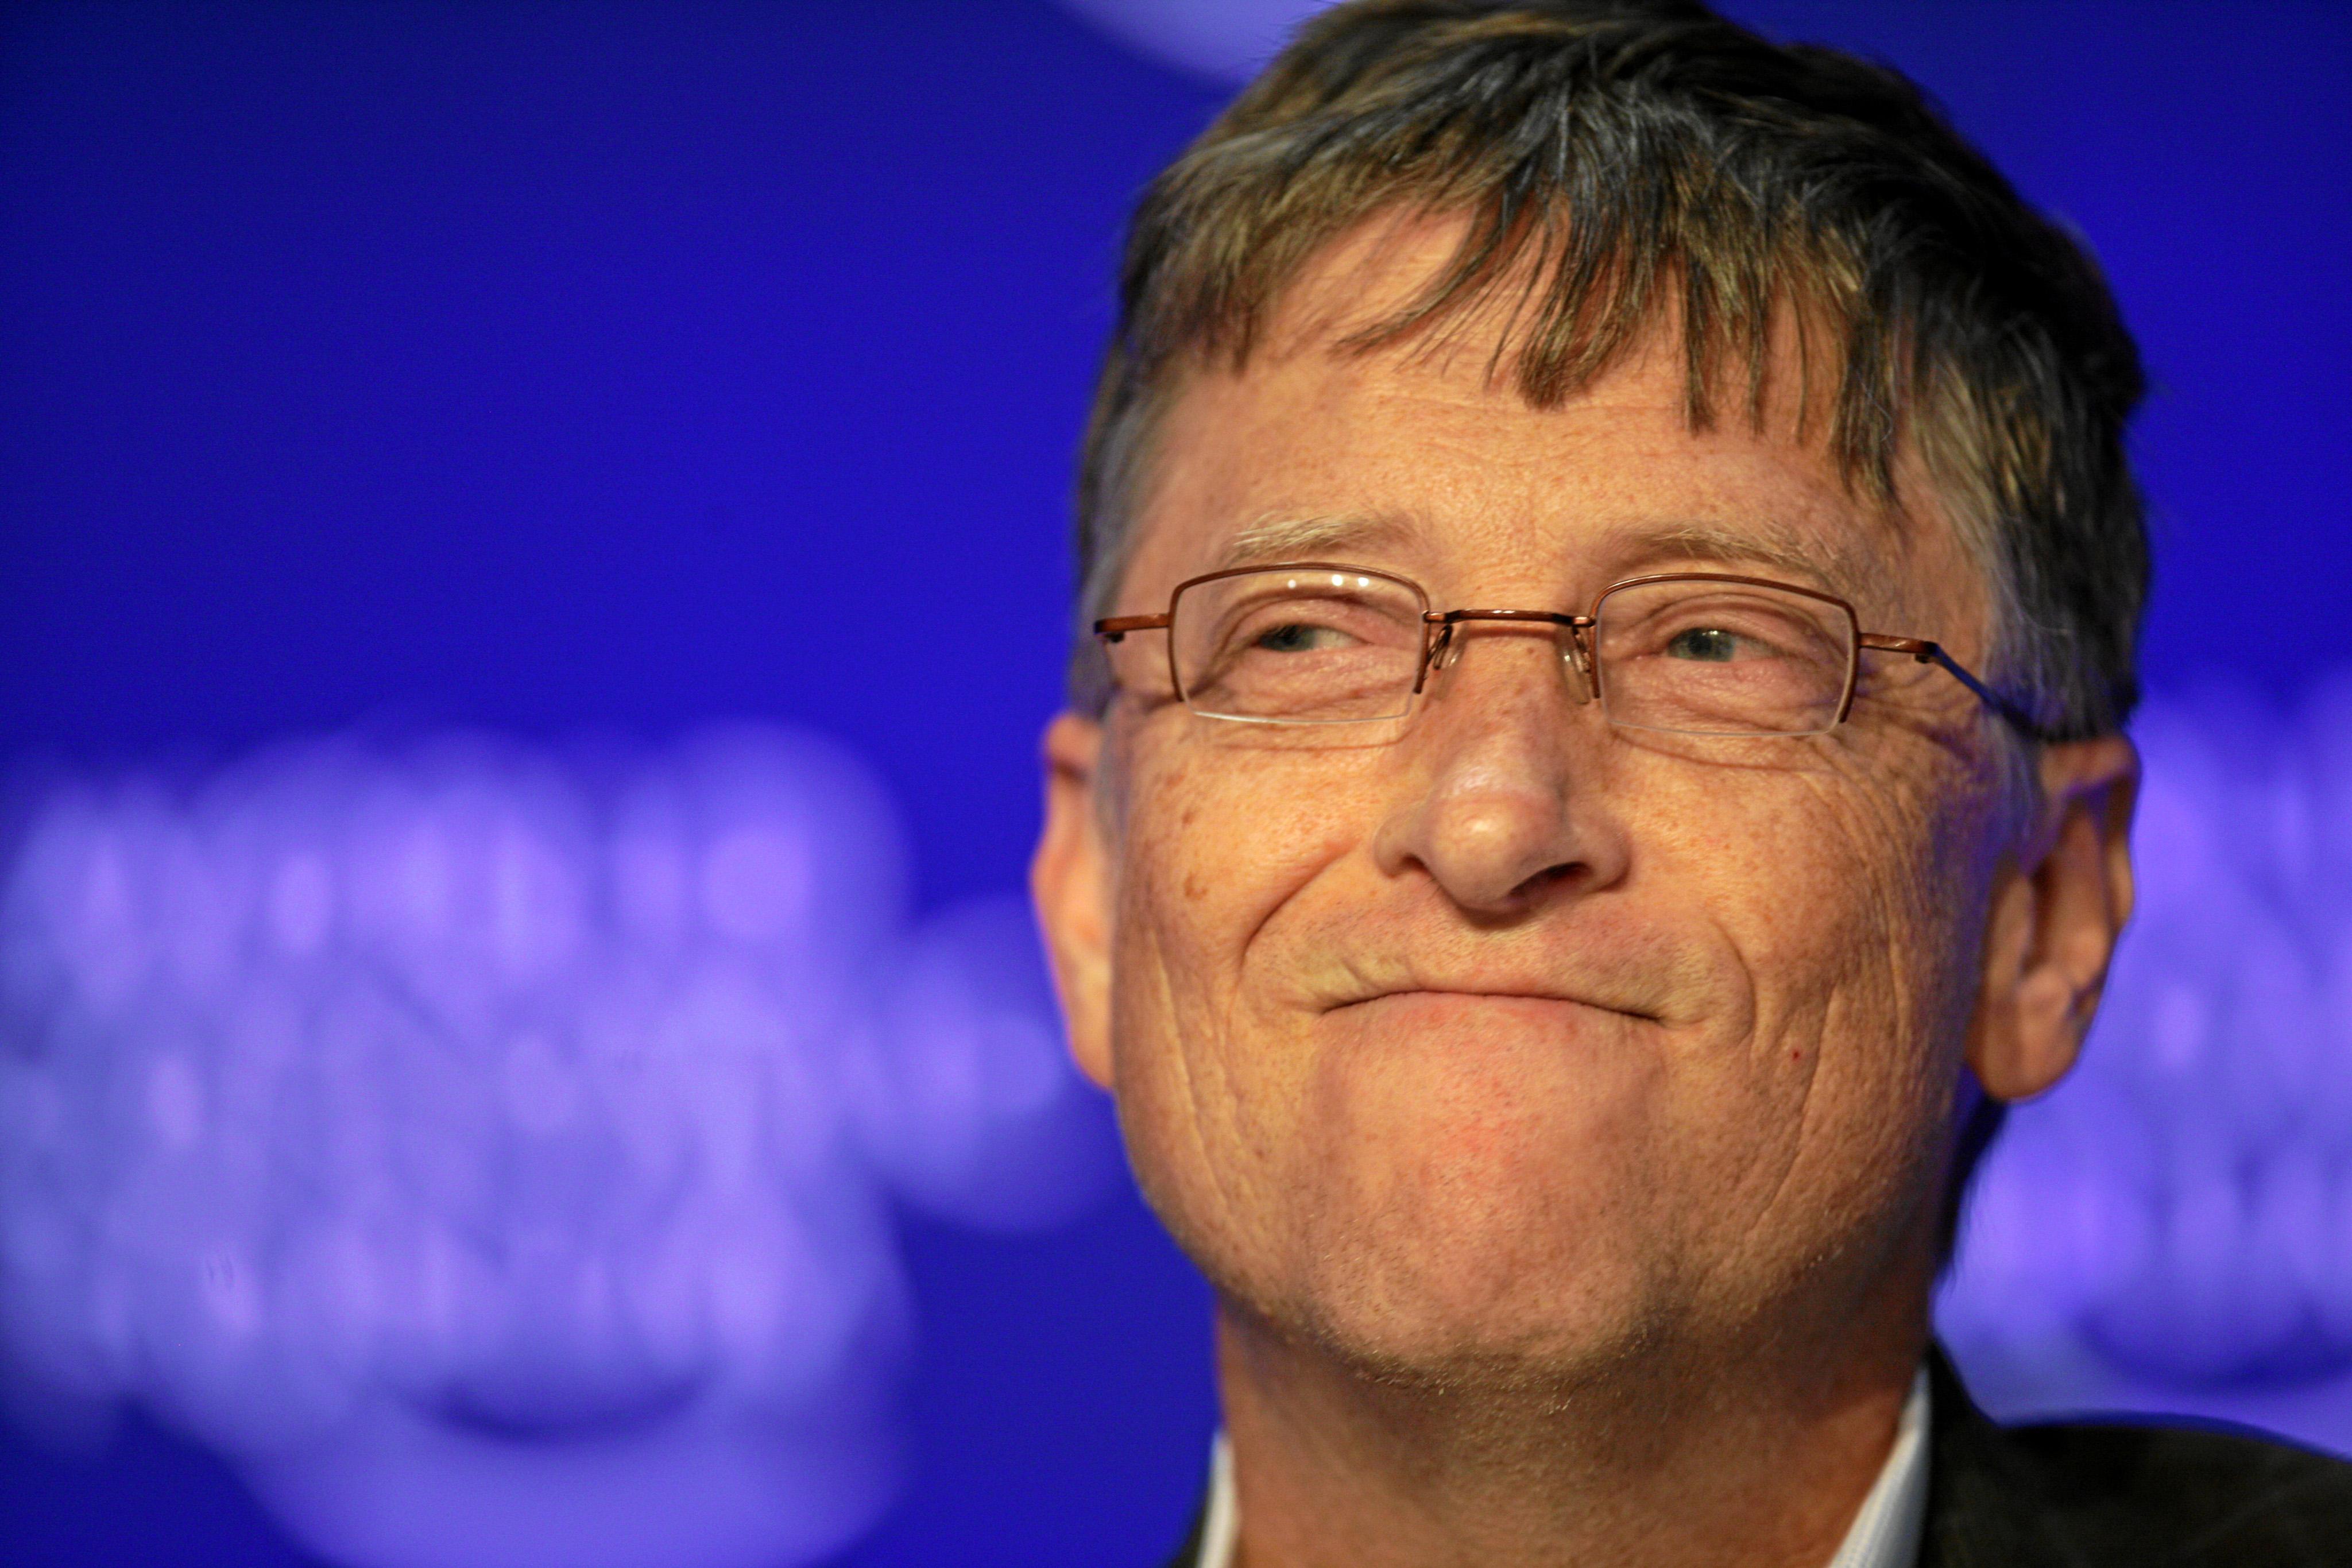 Bill Gates's next girlfriend odds